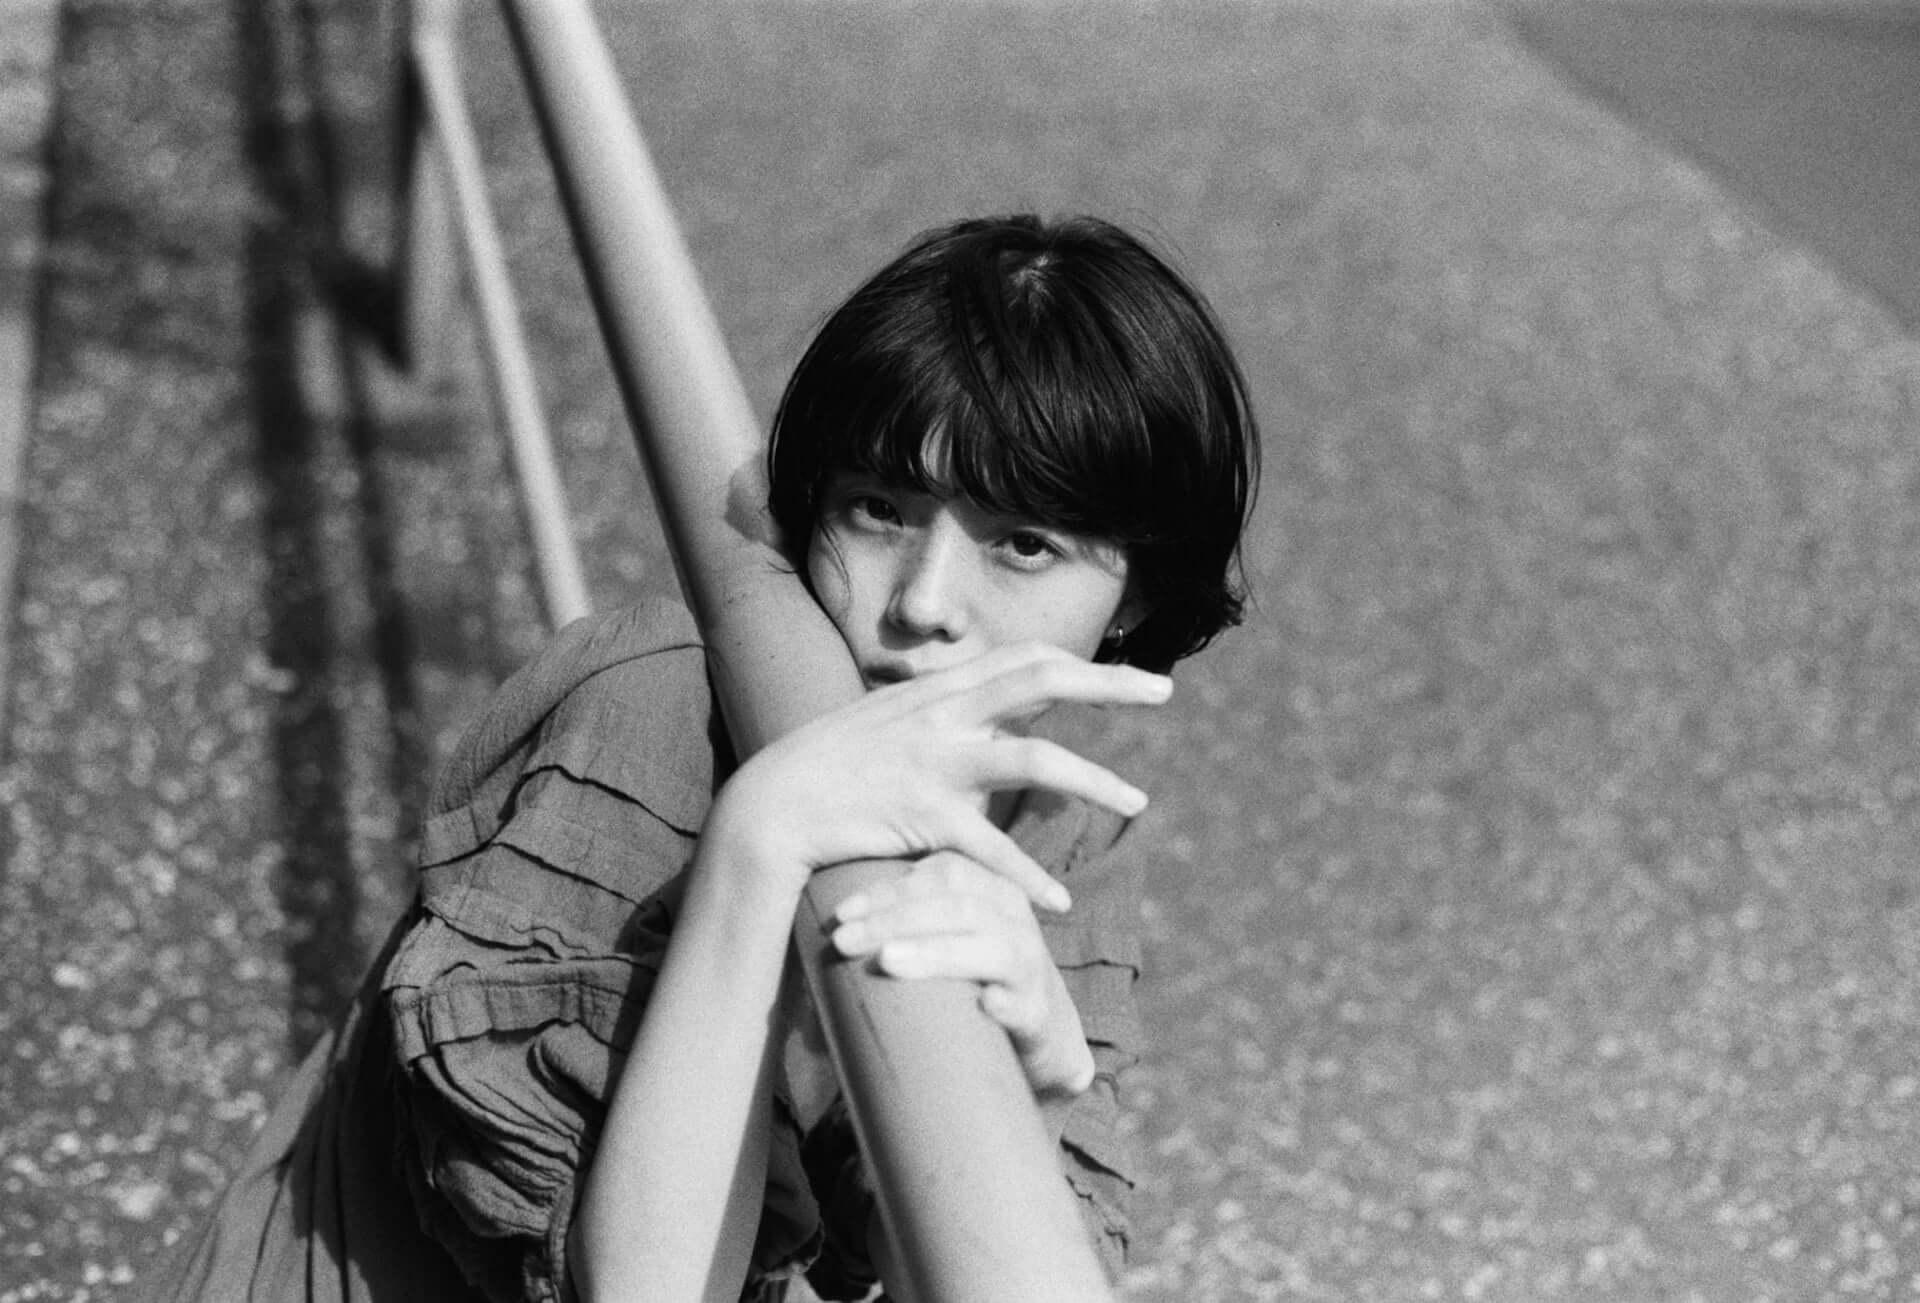 """カネコアヤノが配信シングル""""腕の中でしか眠れない猫のように""""をリリース!演奏には林宏敏、本村拓磨、Bobが参加 music201125_kanekoayano_1-1920x1303"""